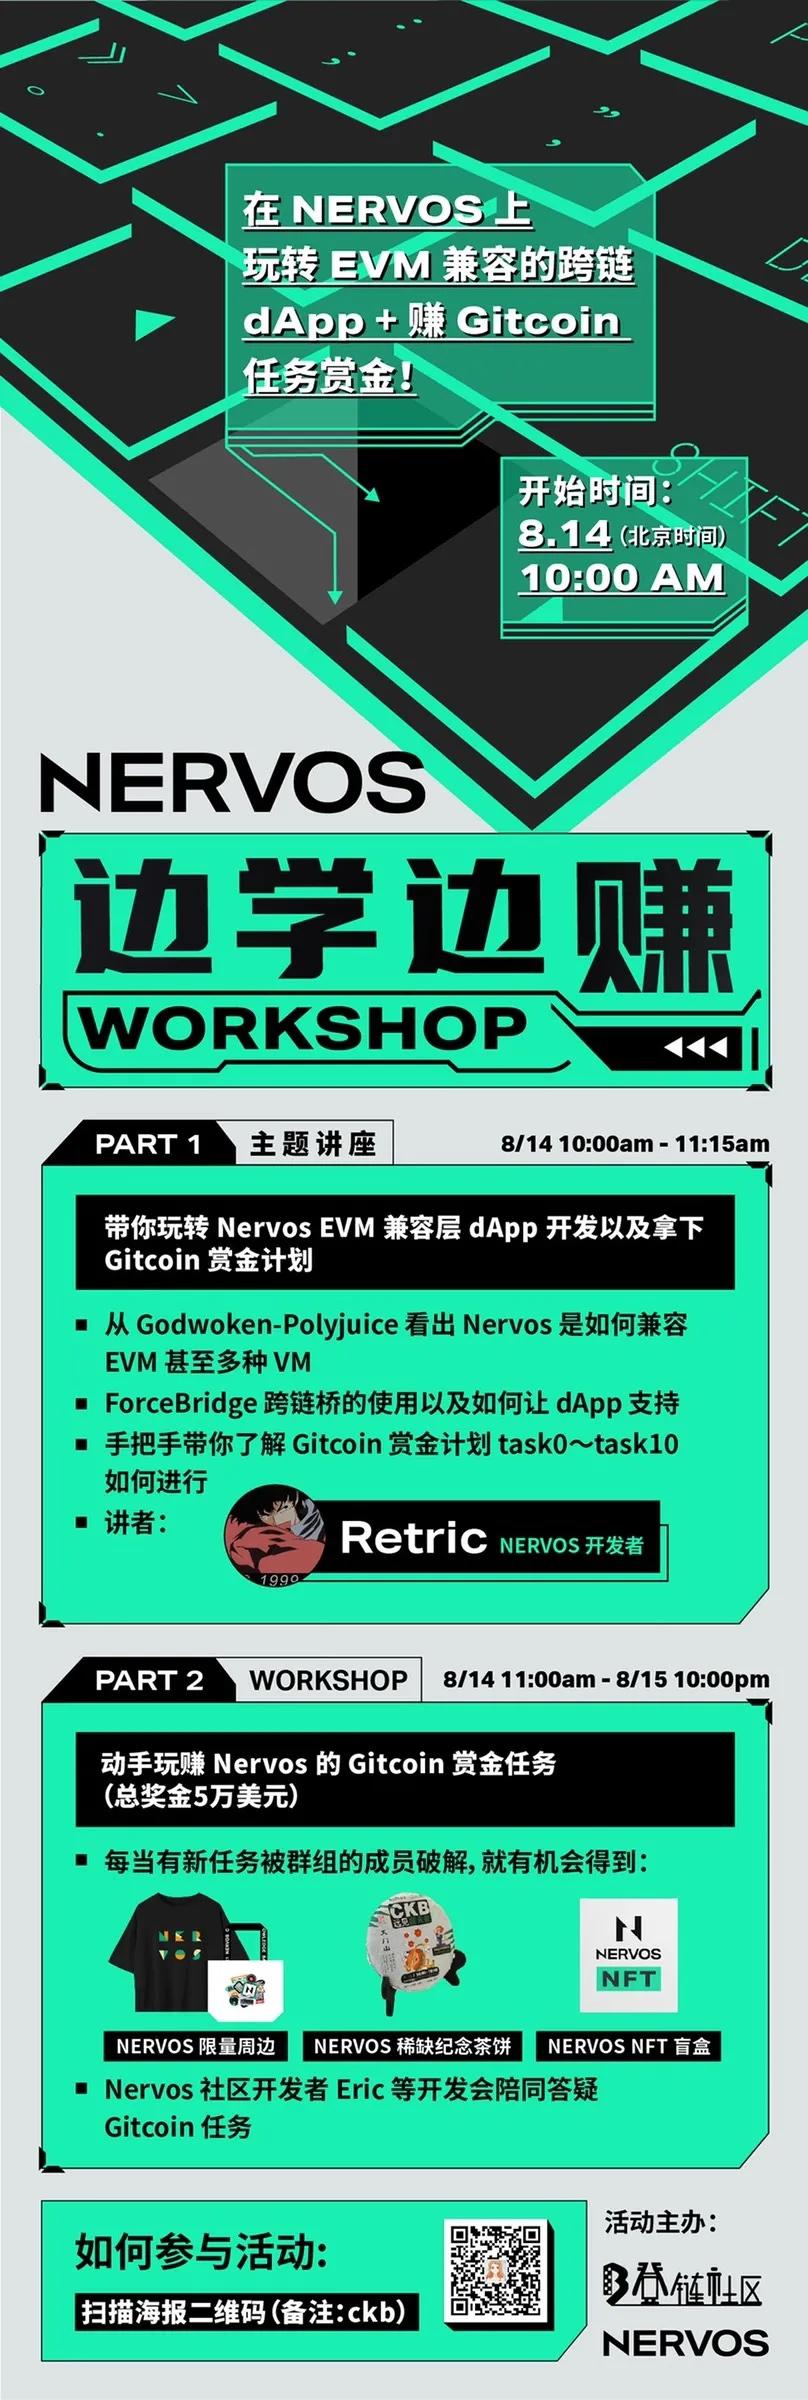 预告:参与「边学边赚」工作坊,搞懂 Nervos dApp 开发,赢取总值 20w 美元的奖金